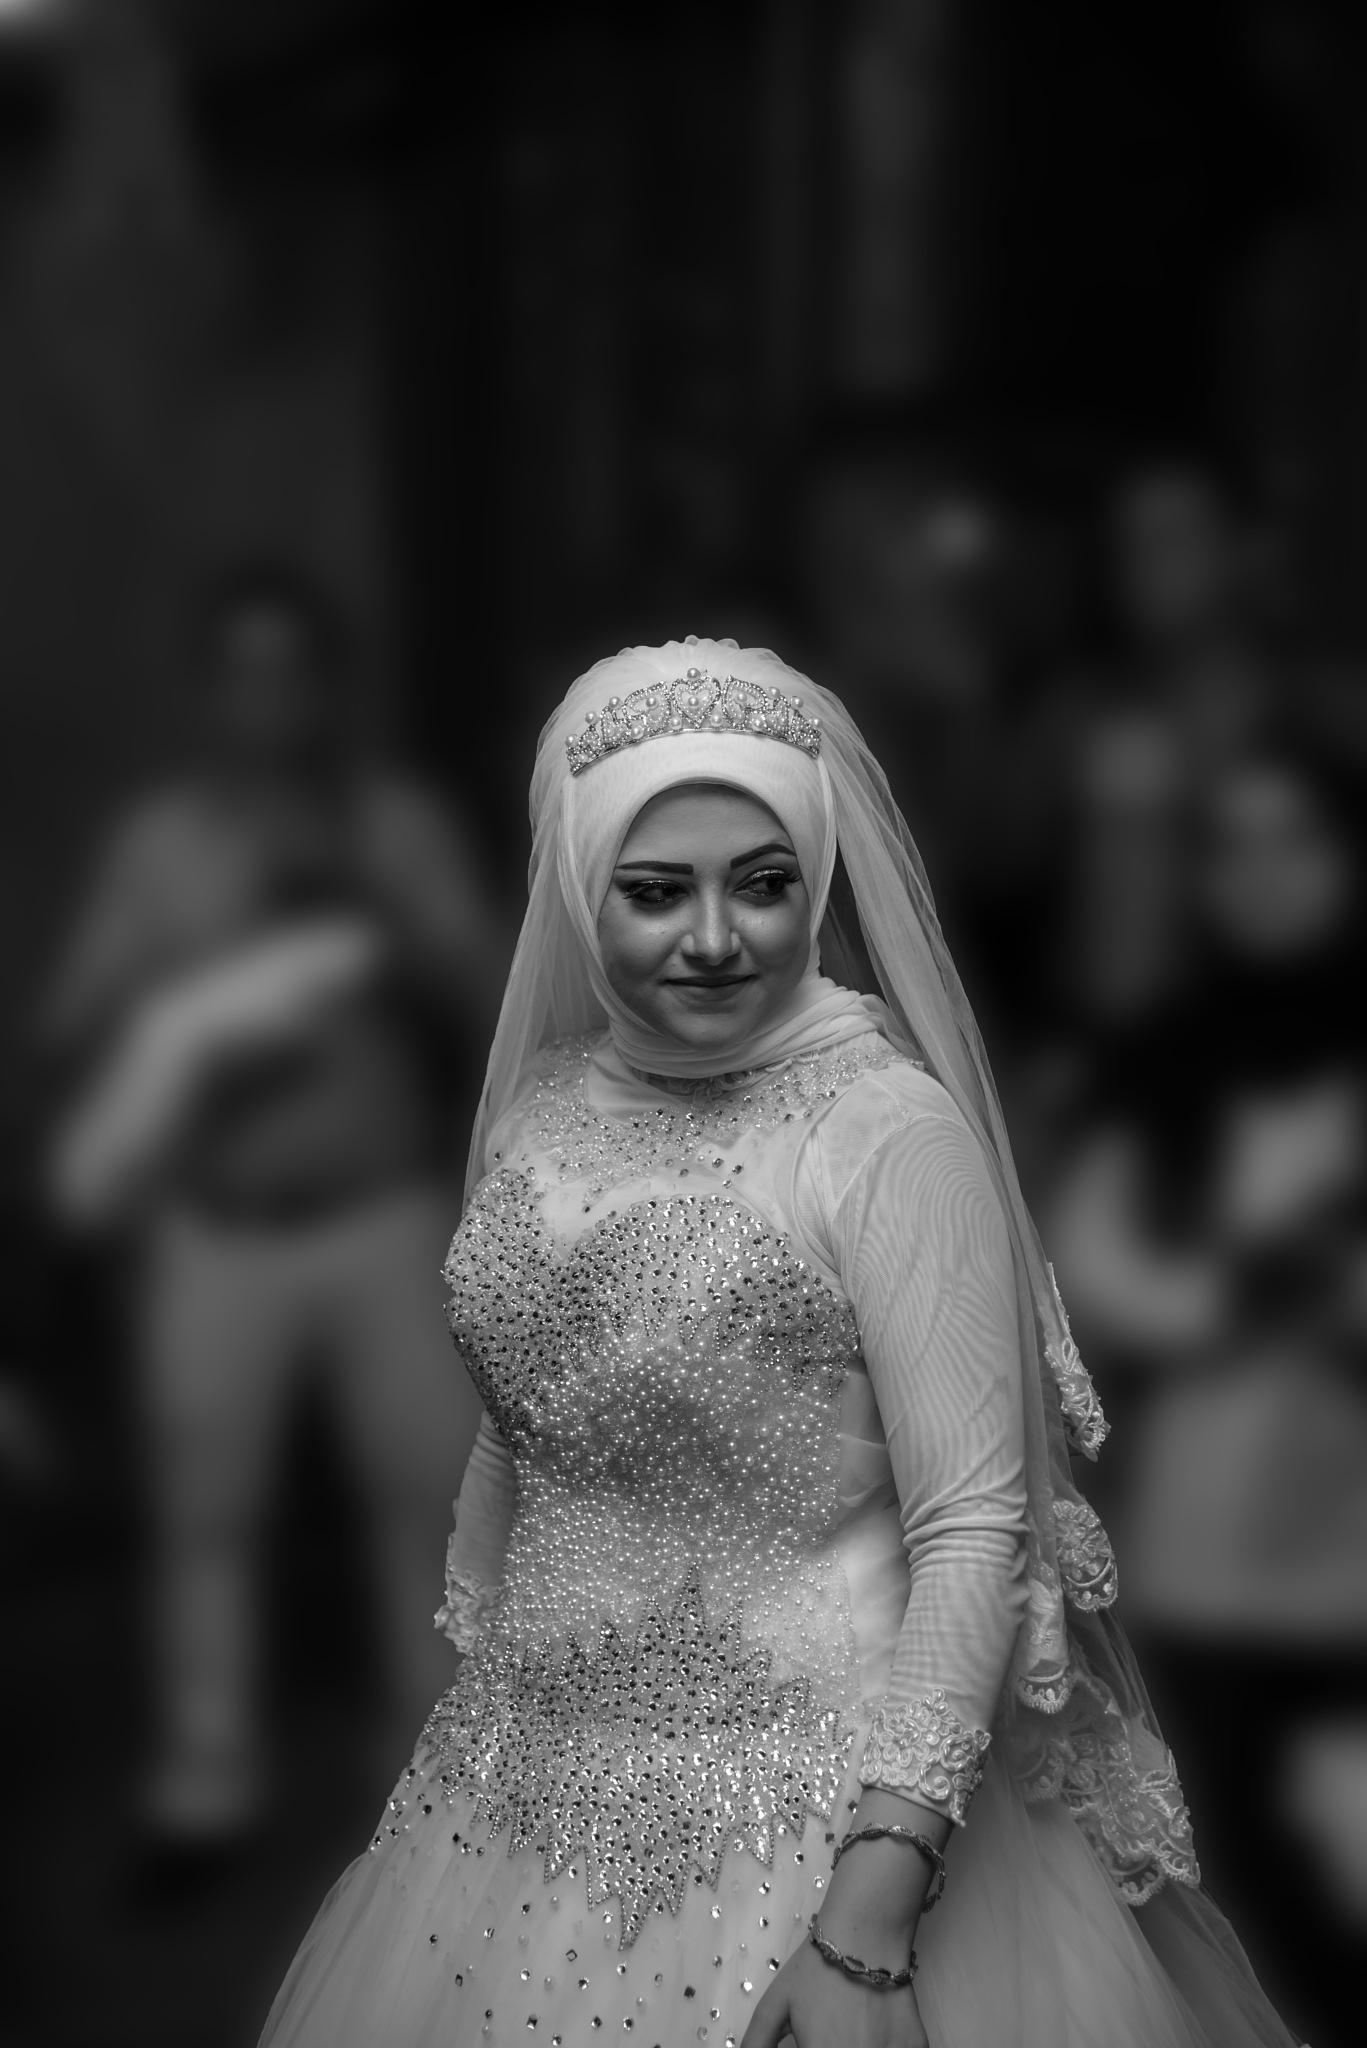 Queen by Ahmed Abu-Taleb